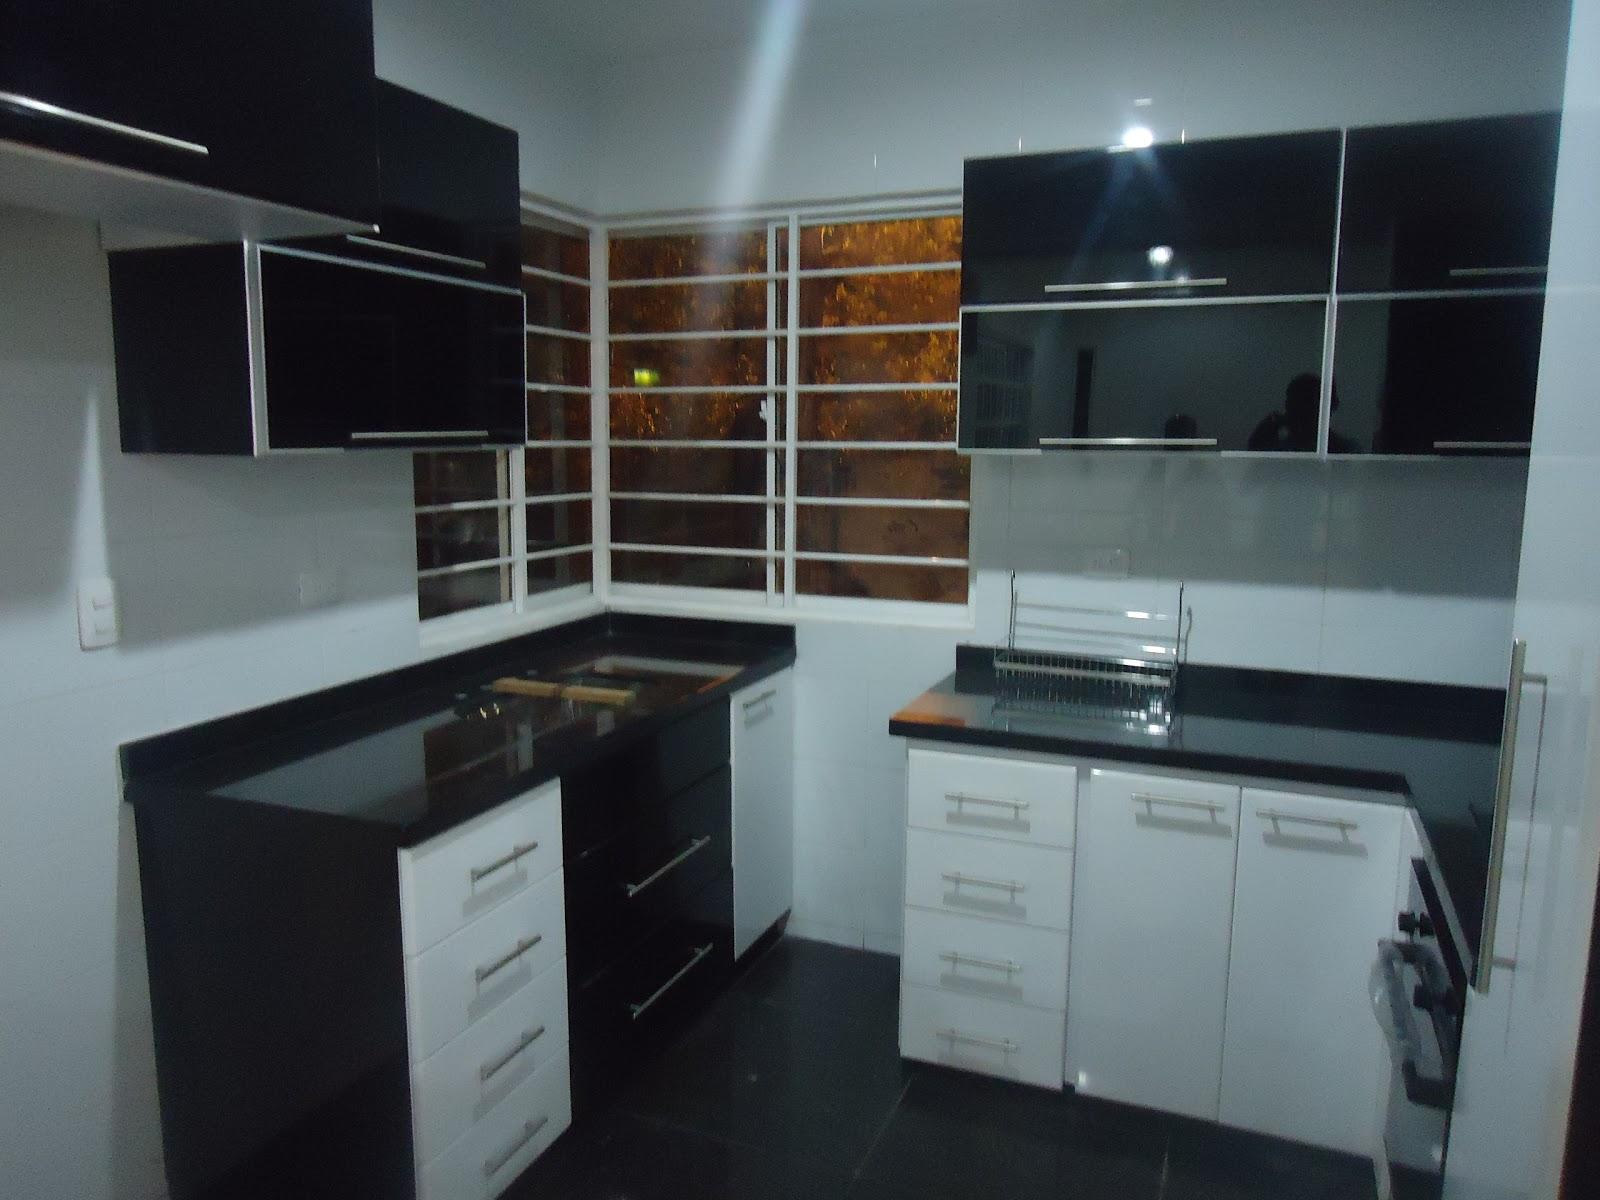 Cocinas integrales j v galeria for Galeria fotos cocinas integrales